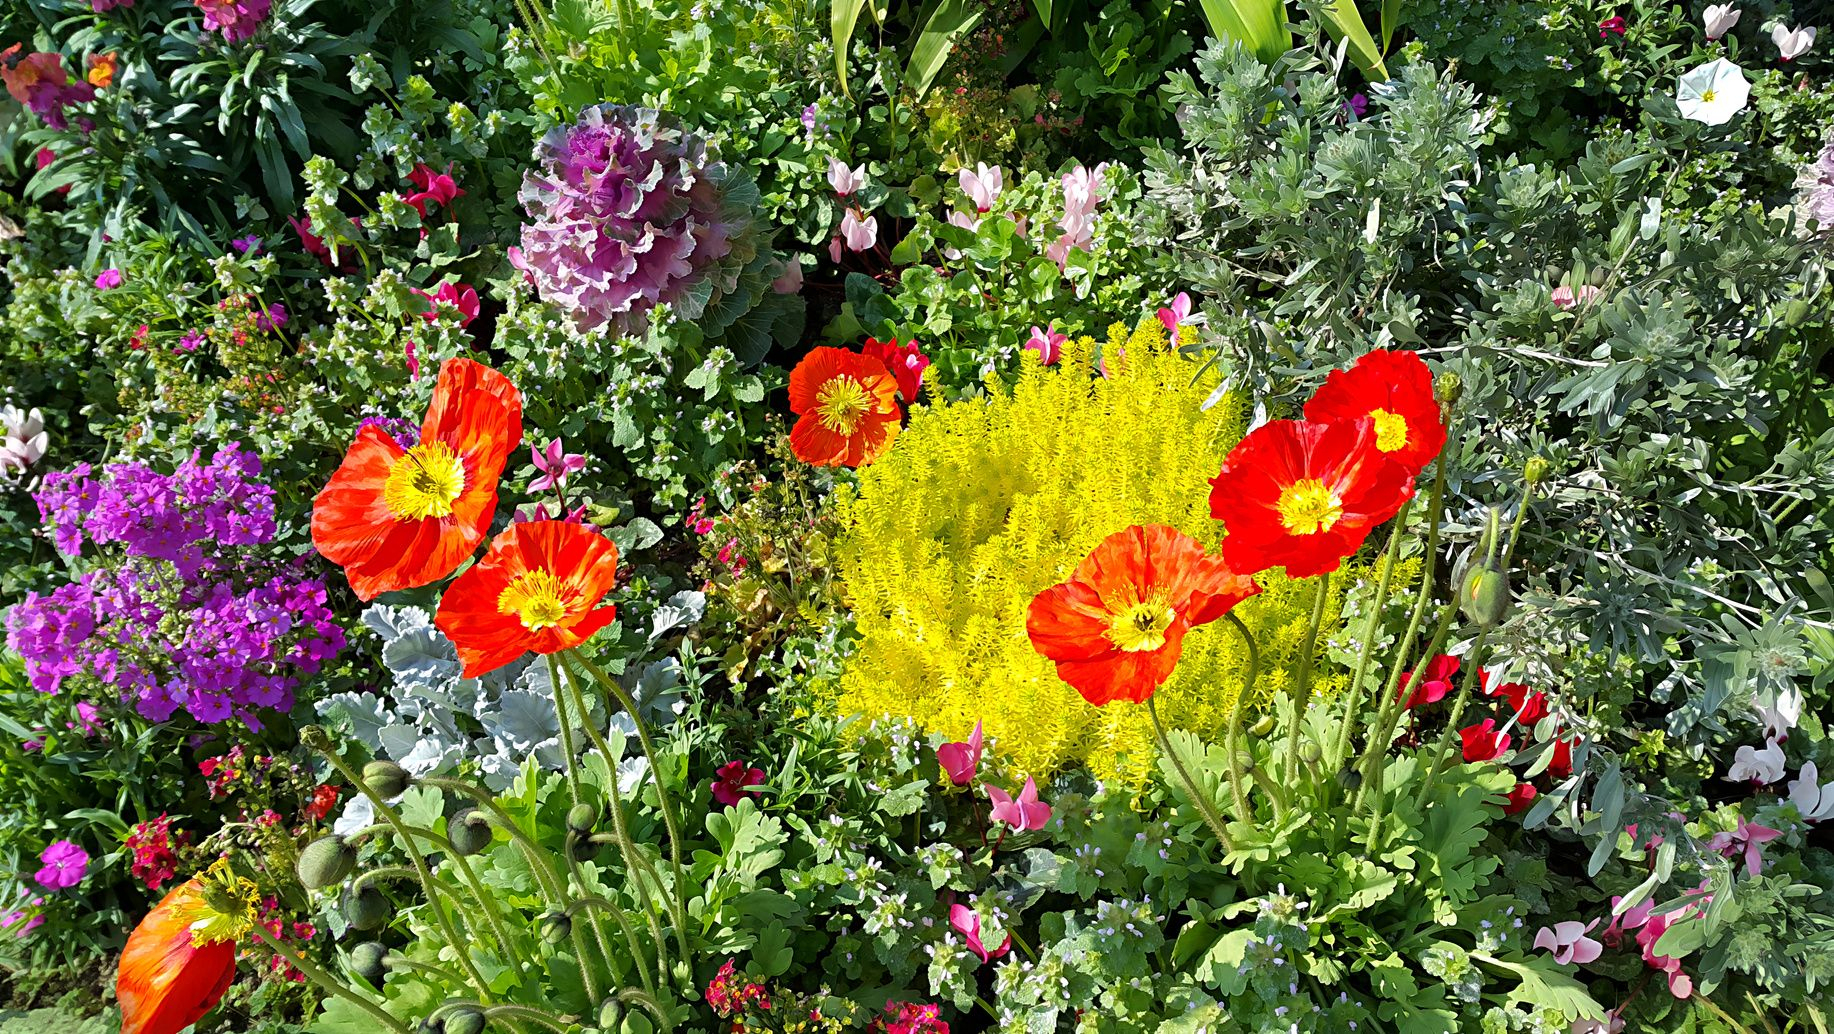 Des Plantes Lumineuses Pour Éclairer Les Zones D'ombre encequiconcerne Arbre Pour Petit Jardin